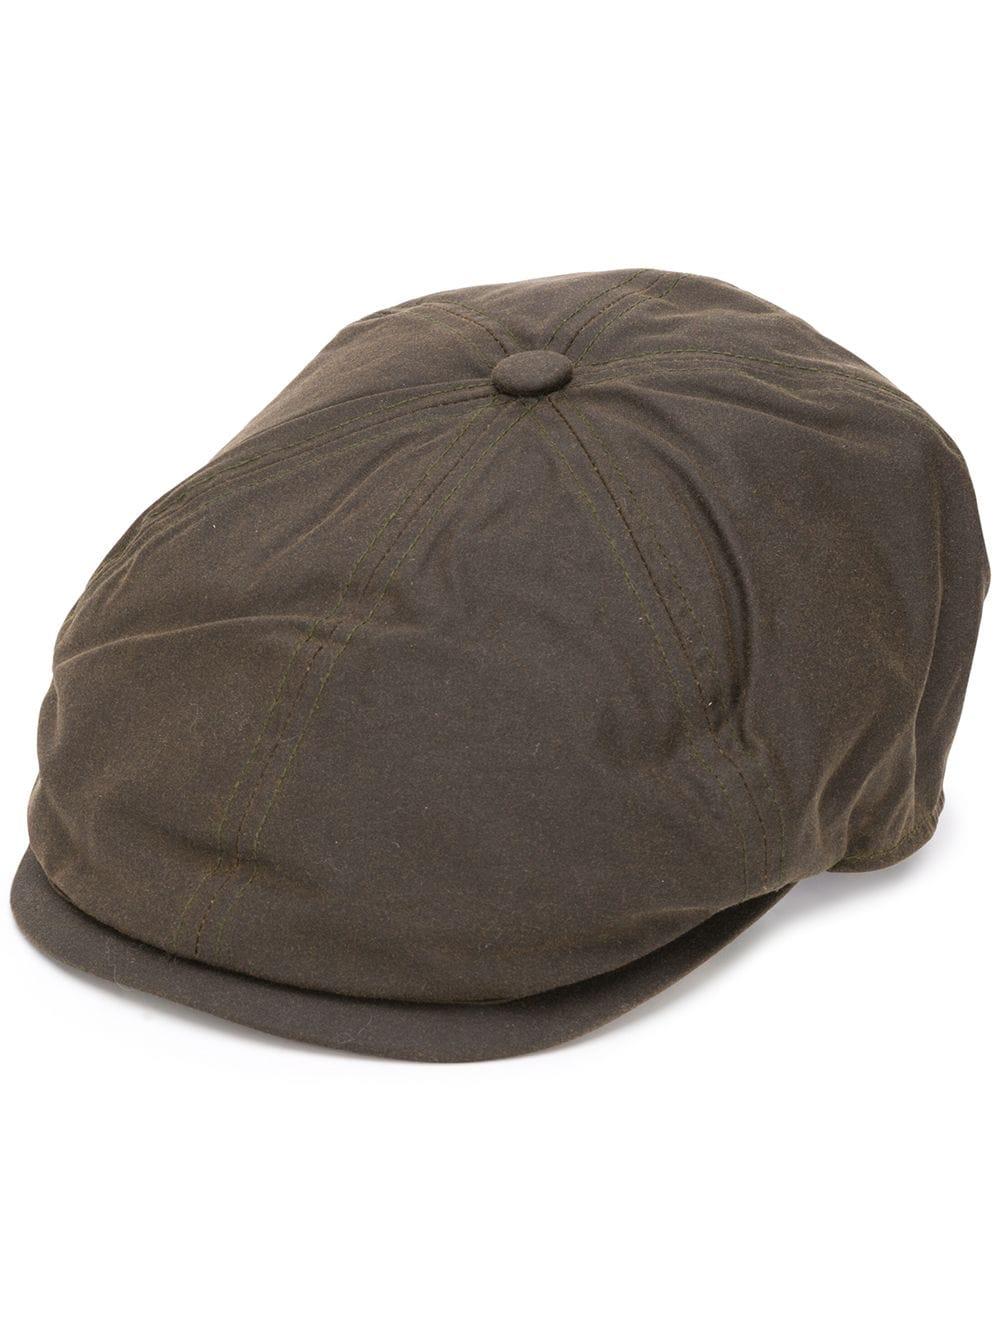 cappello portland uomo marrone in cotone BARBOUR | Cappelli | MHA0566OL71